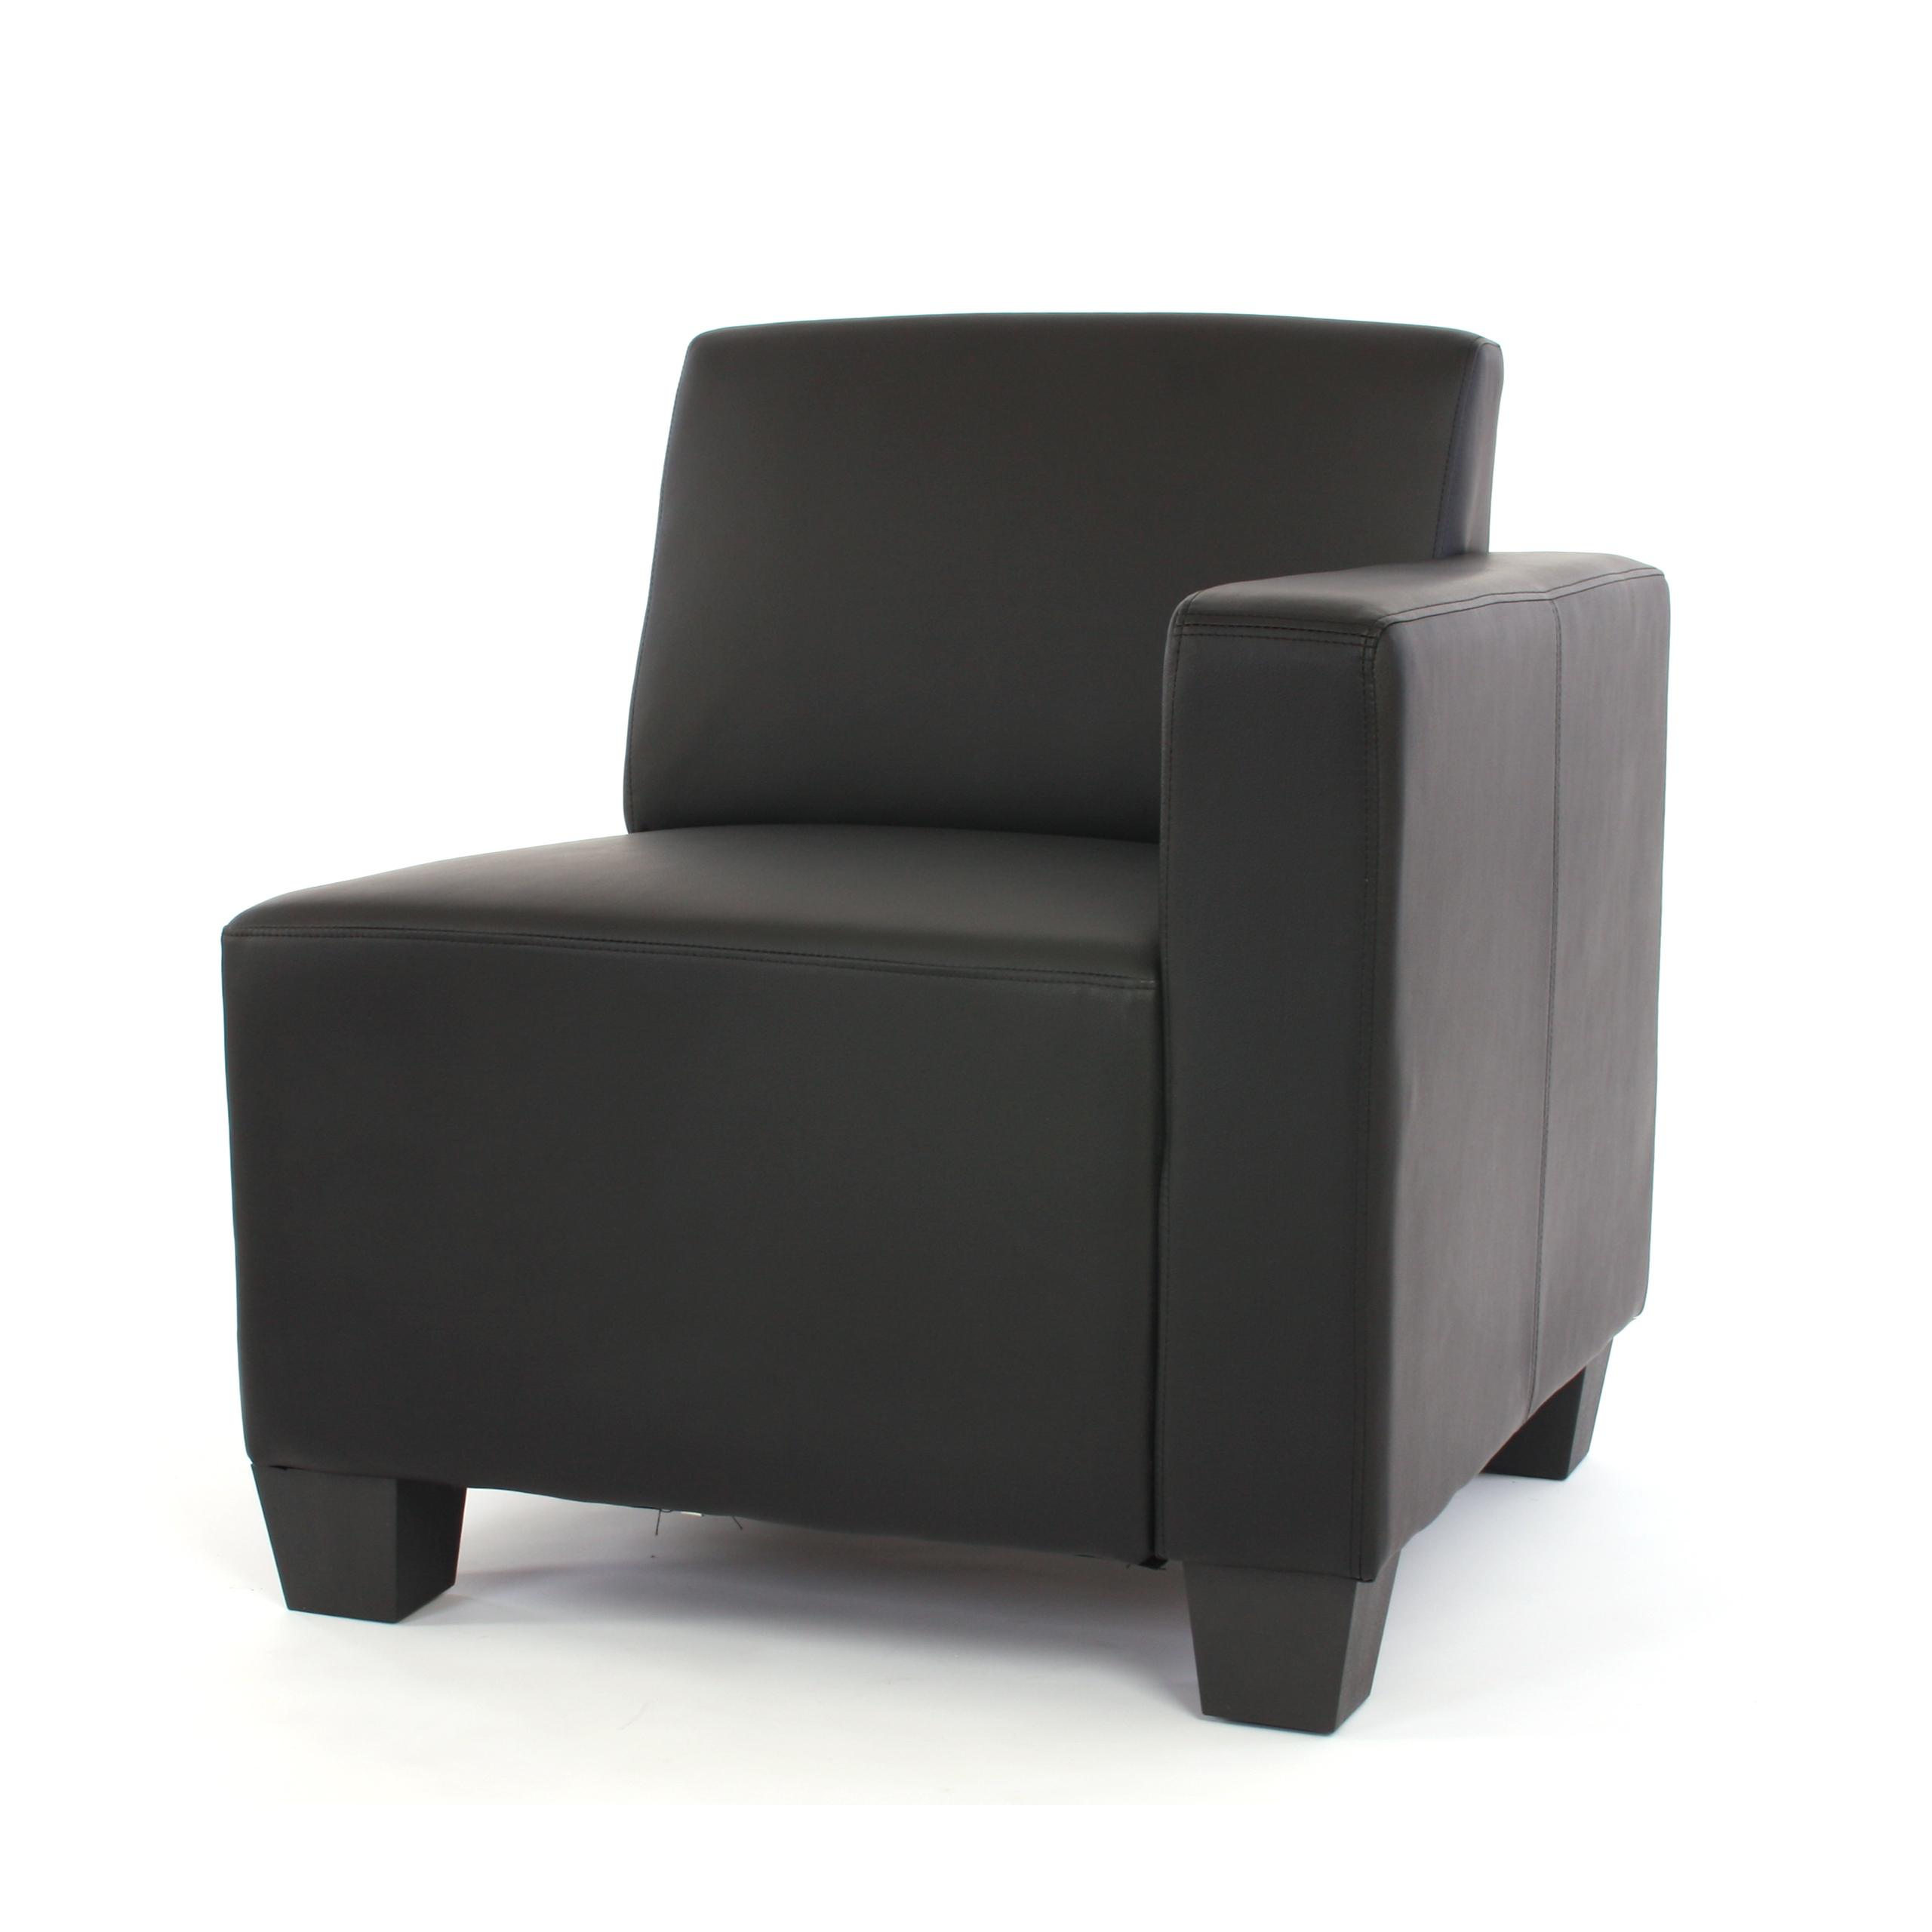 Anspruchsvoll Zweisitzer Sofa Foto Von Modular Couch Lyon, Kunstleder 3